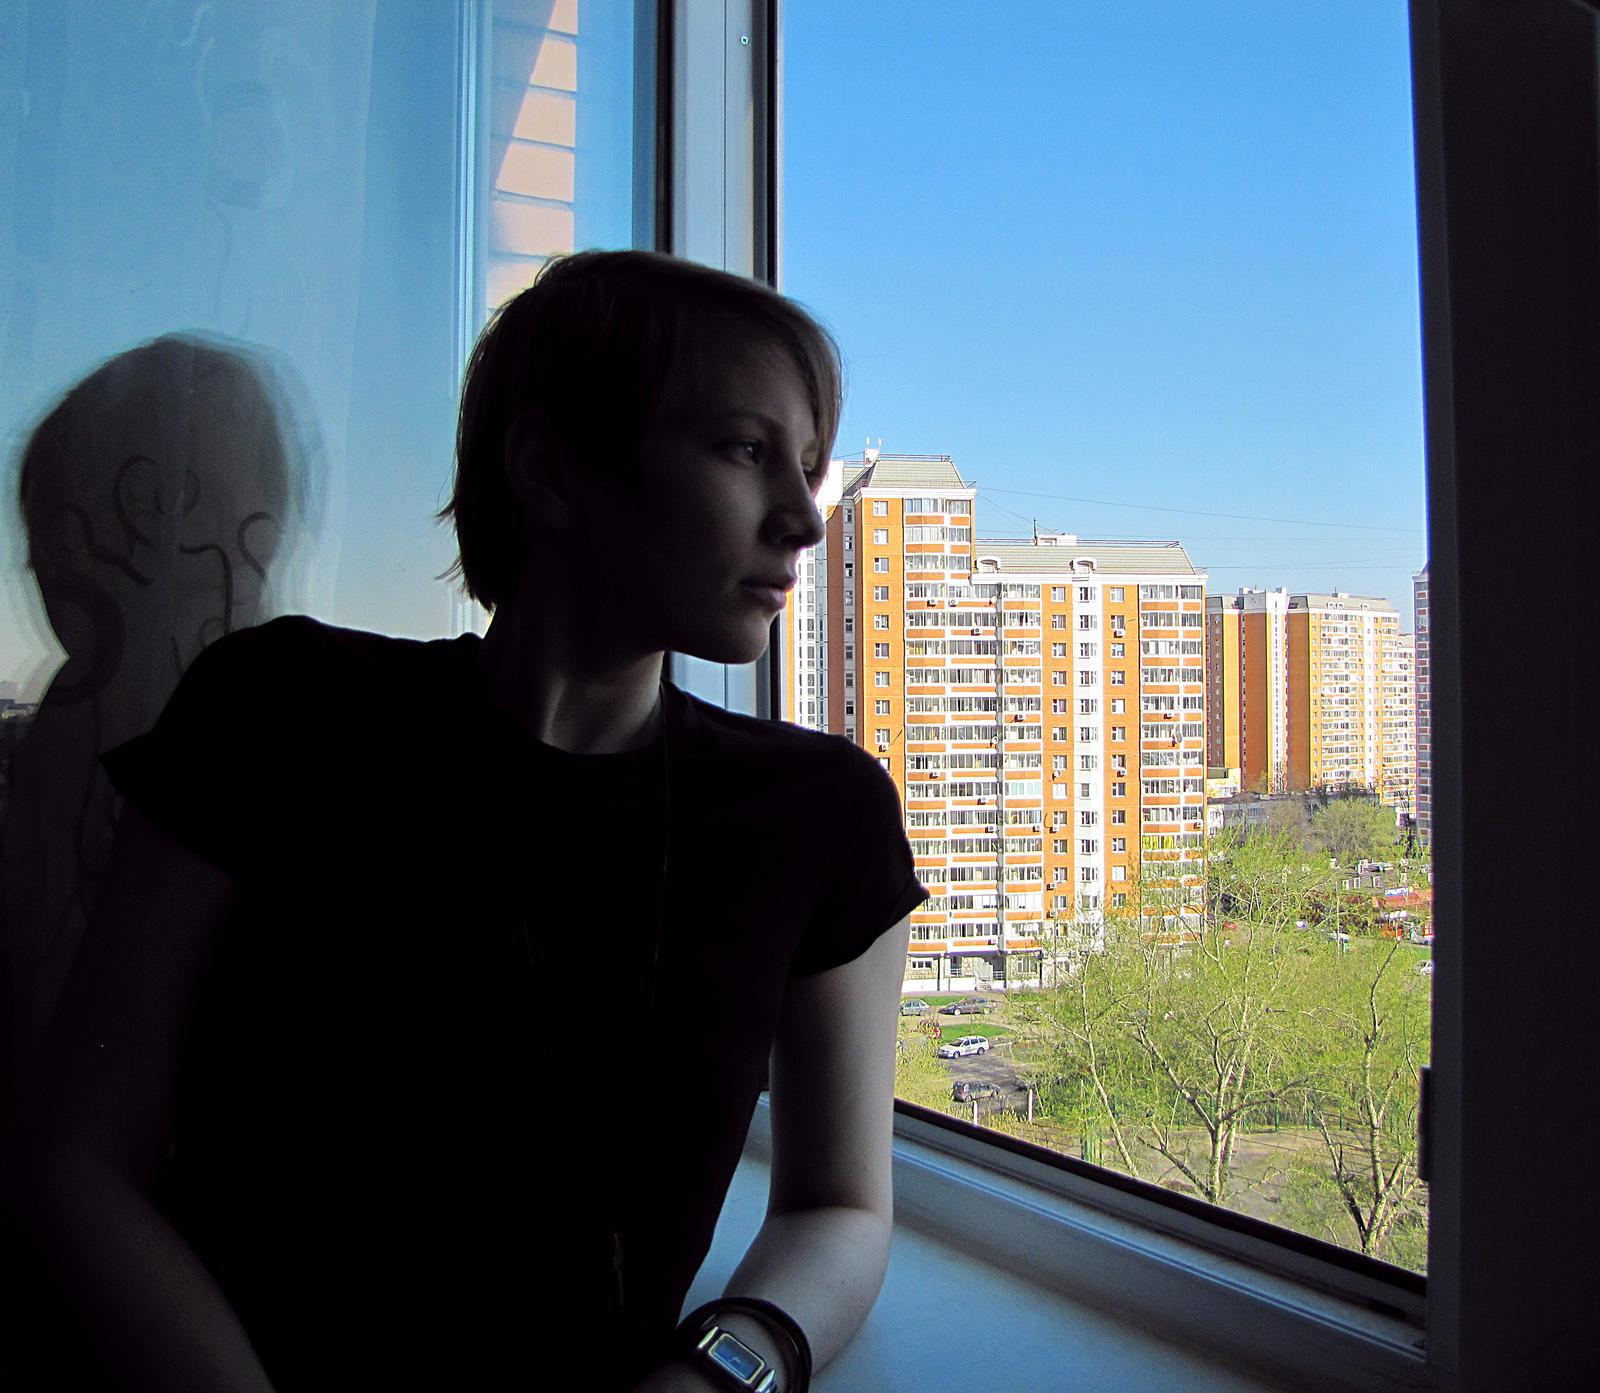 Lady-Integra's Profile Picture